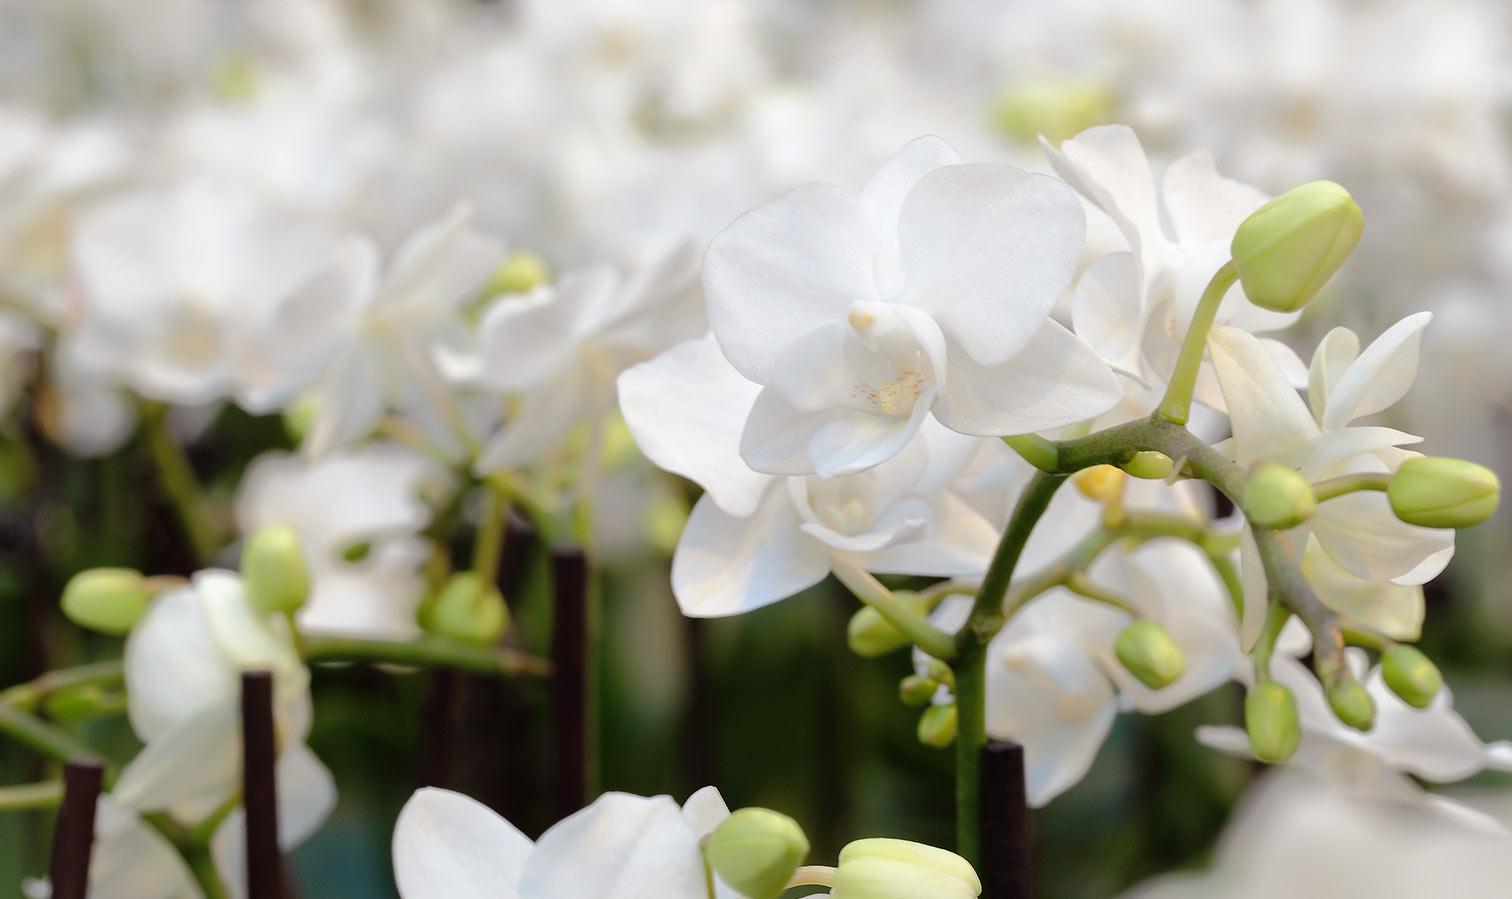 coloroption-mini-white